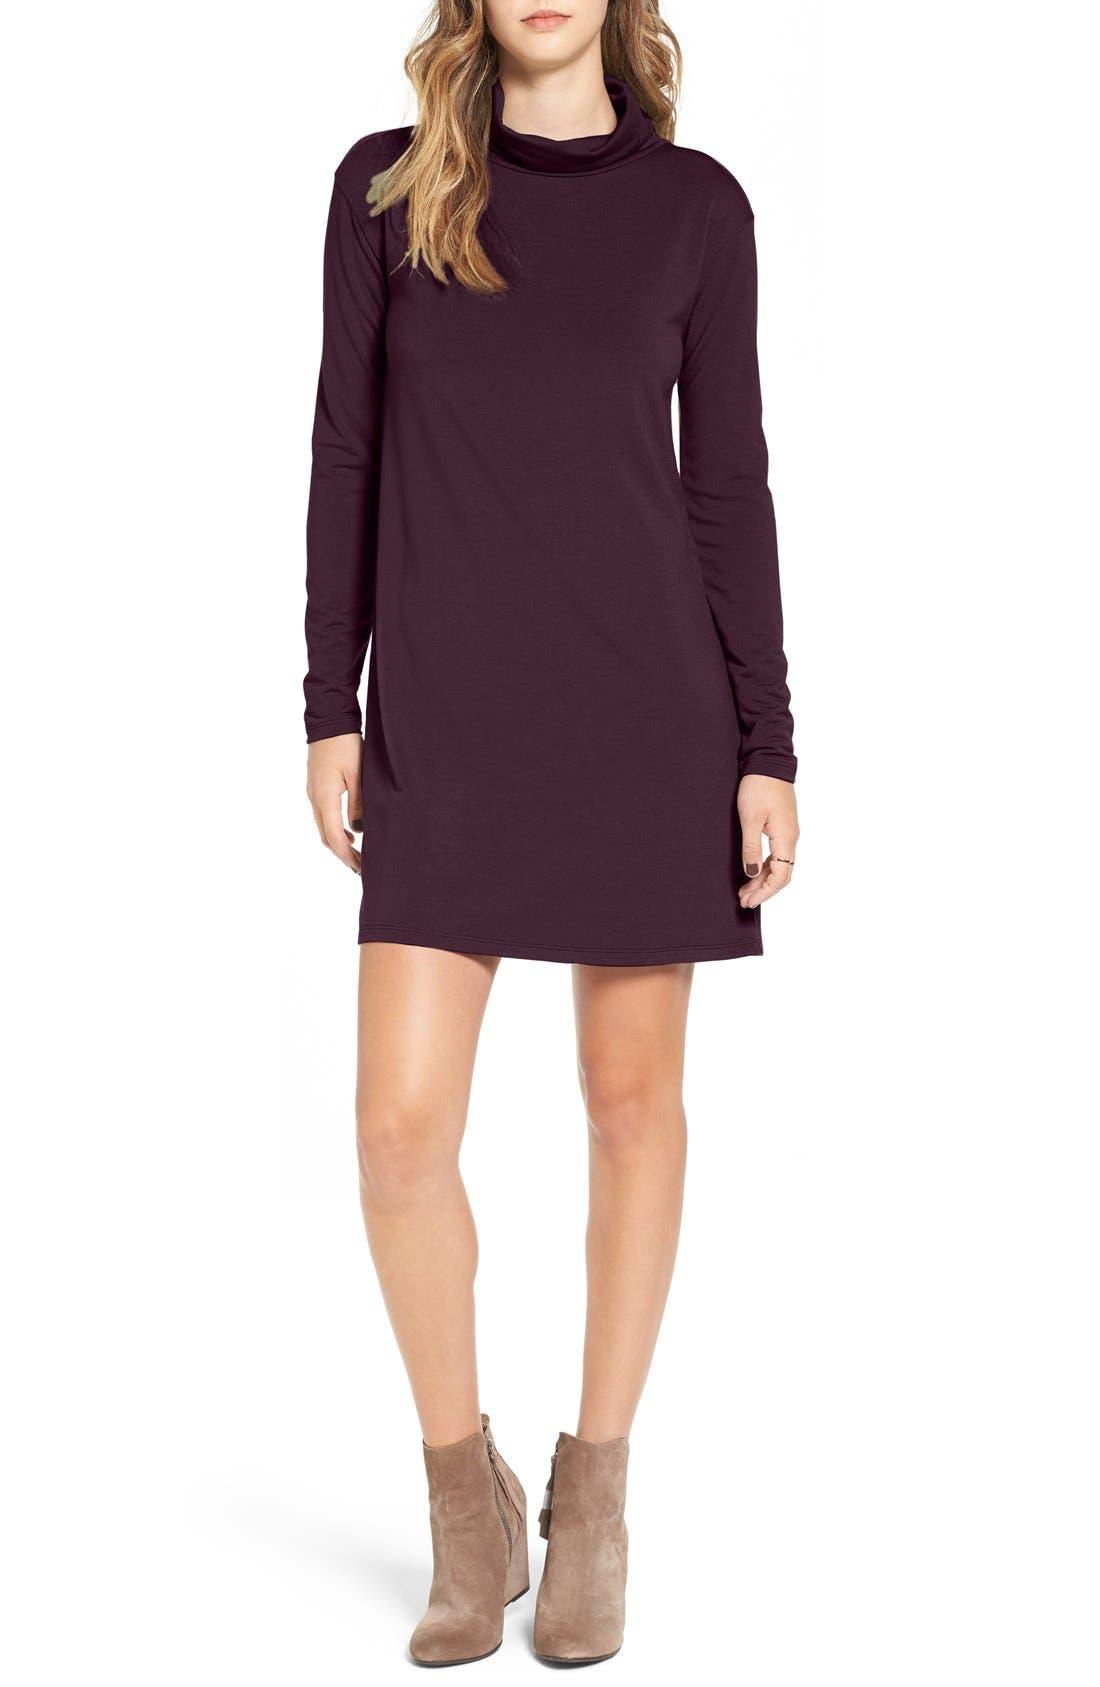 Alternate Image 1 Selected - BP. Turtleneck A-Line Dress